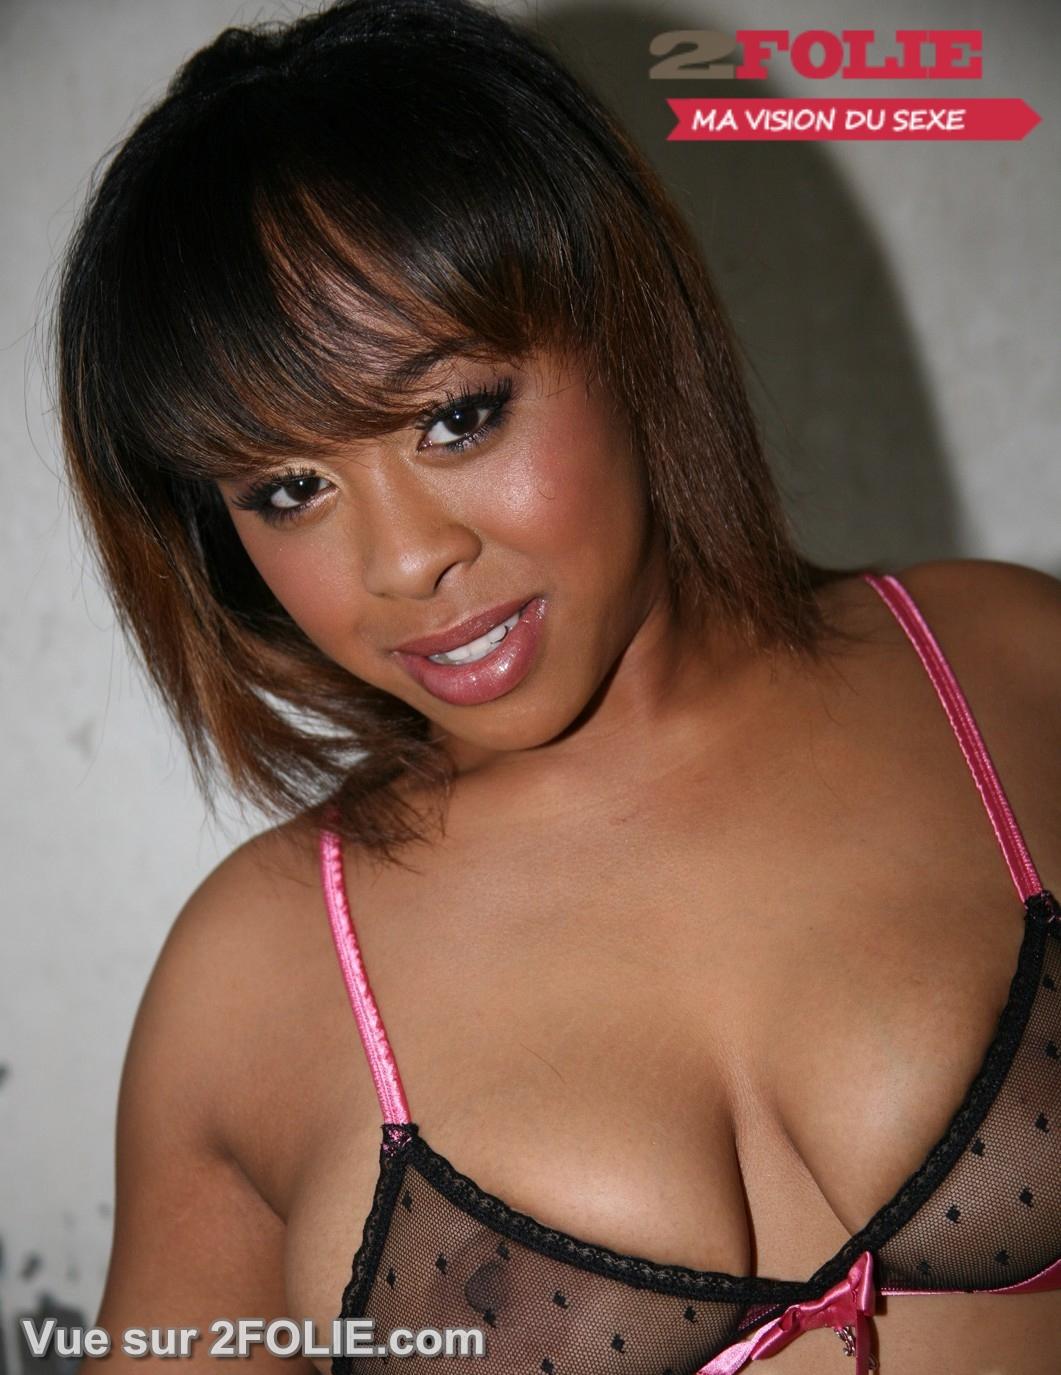 Femmes noires avec des seins sexy sur 2Folie